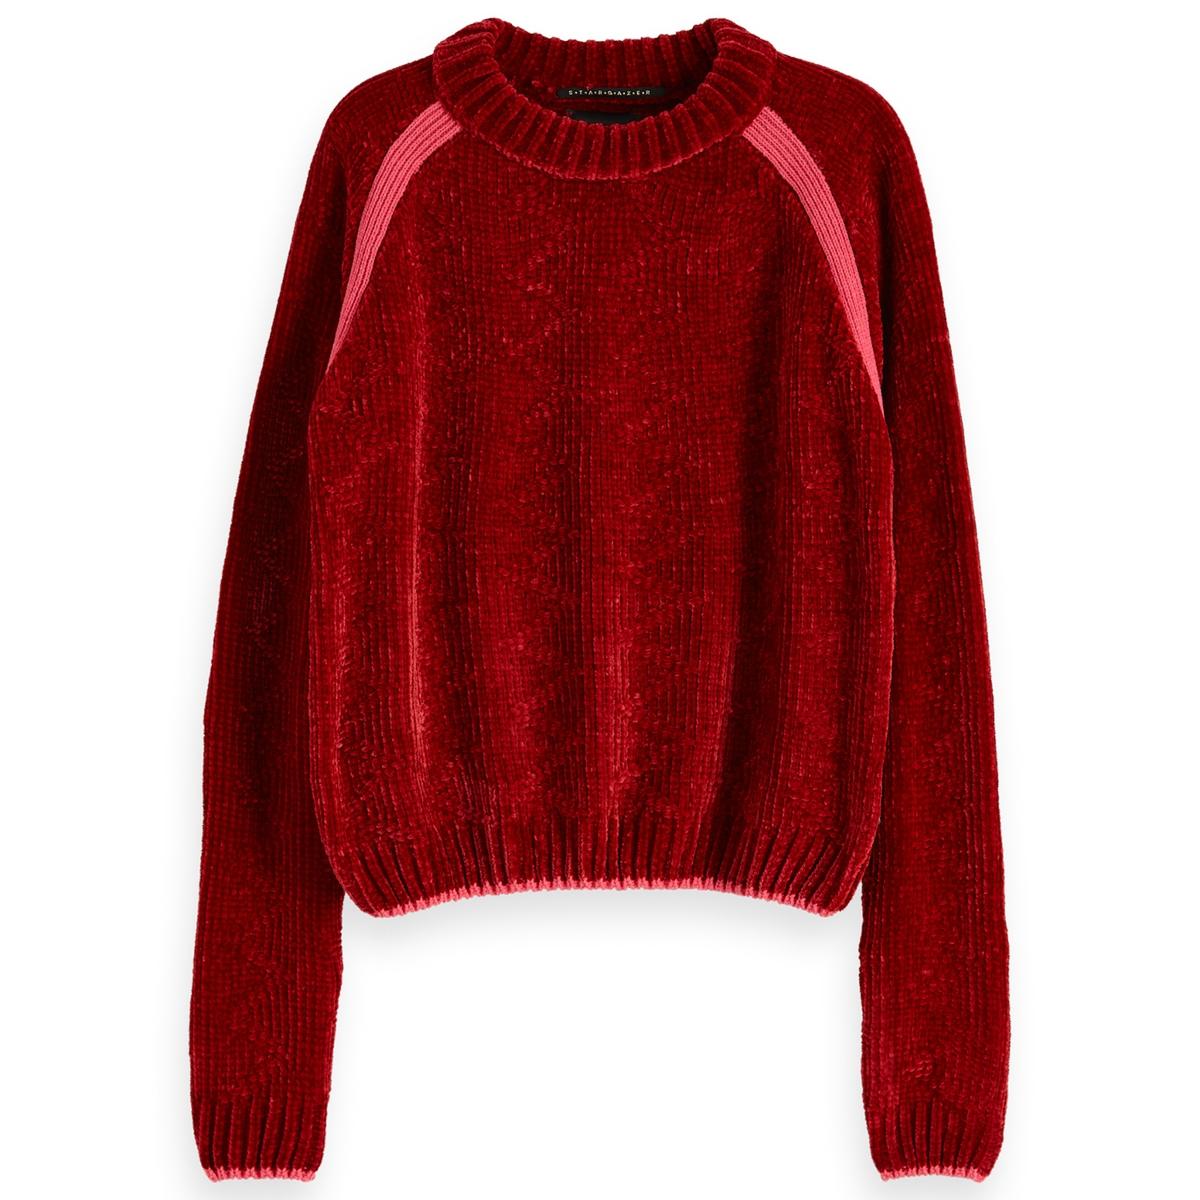 Пуловер La Redoute С круглым вырезом из тонкого трикотажа M красный пуловер la redoute с круглым вырезом из тонкого трикотажа m бежевый